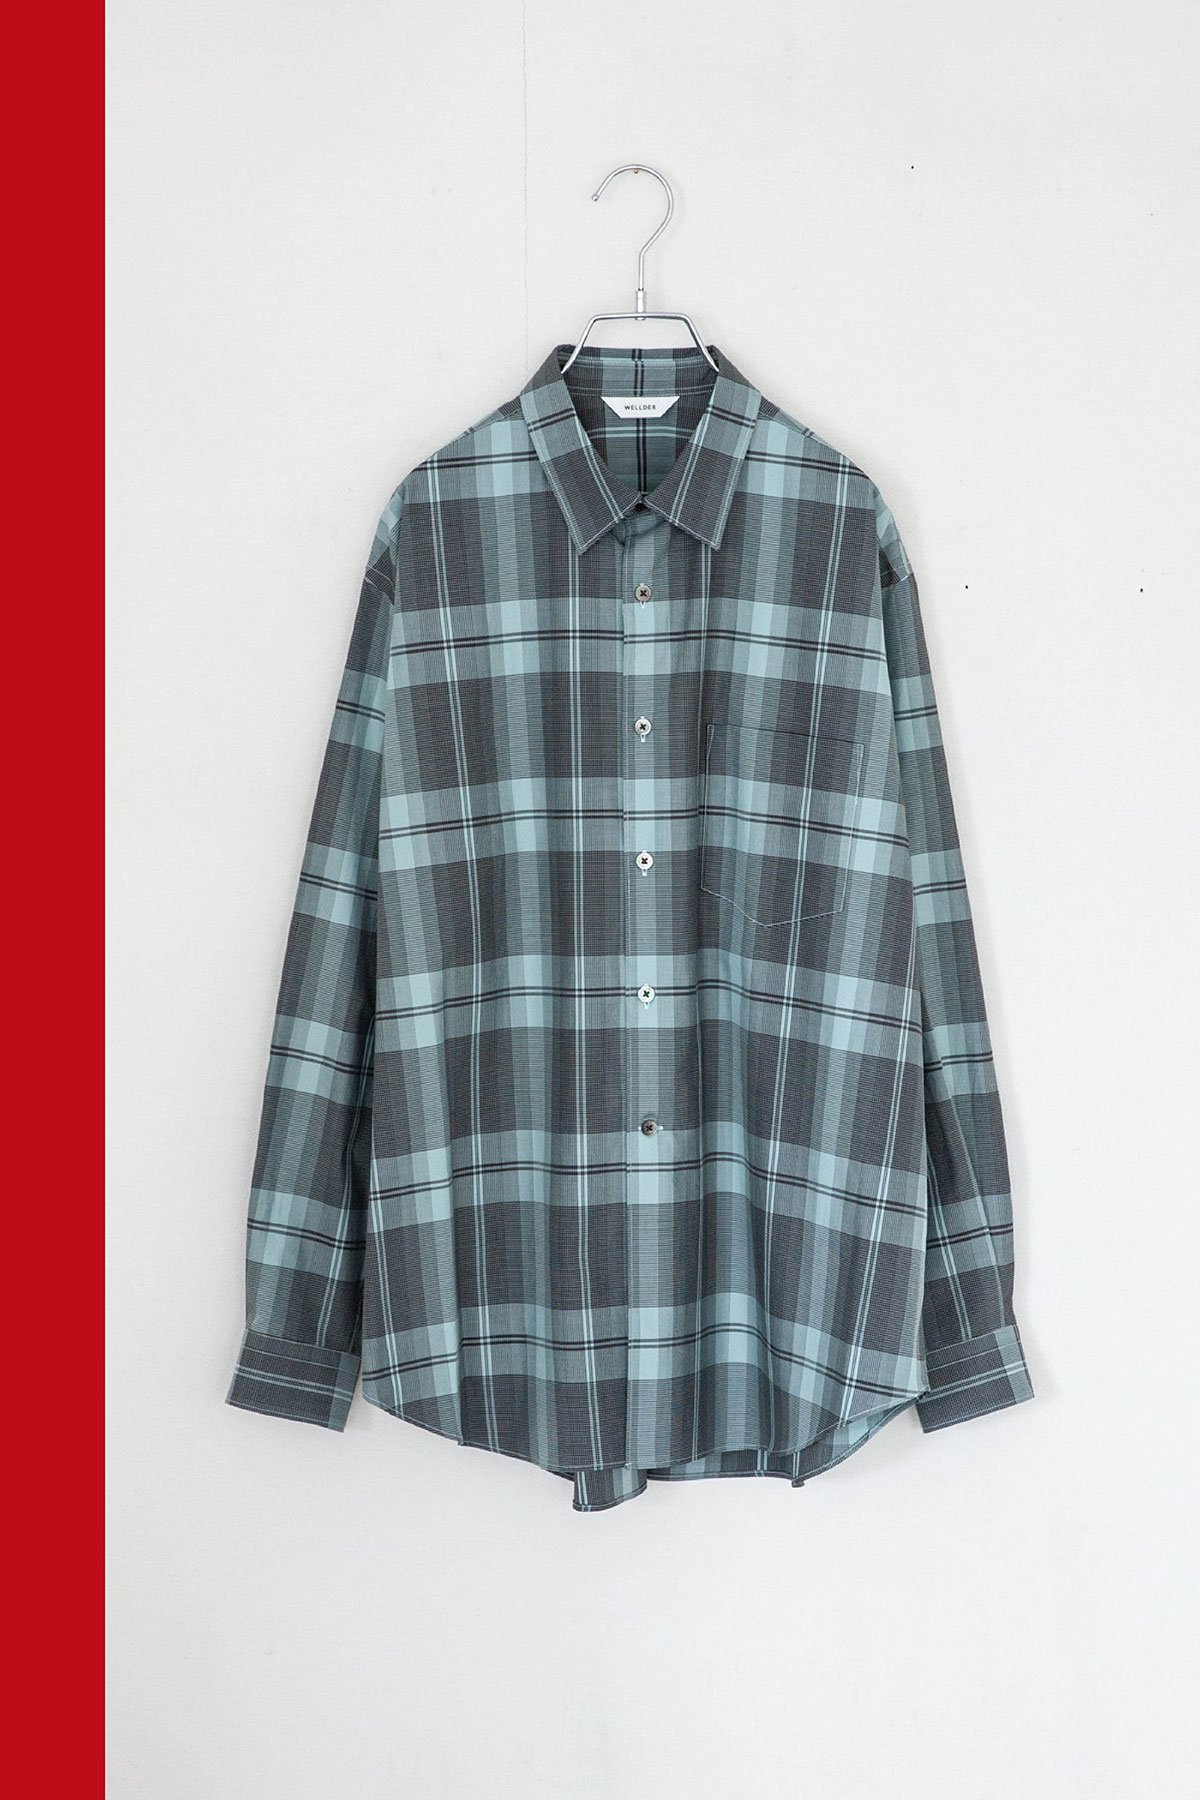 WELLDER / Standard Shirt